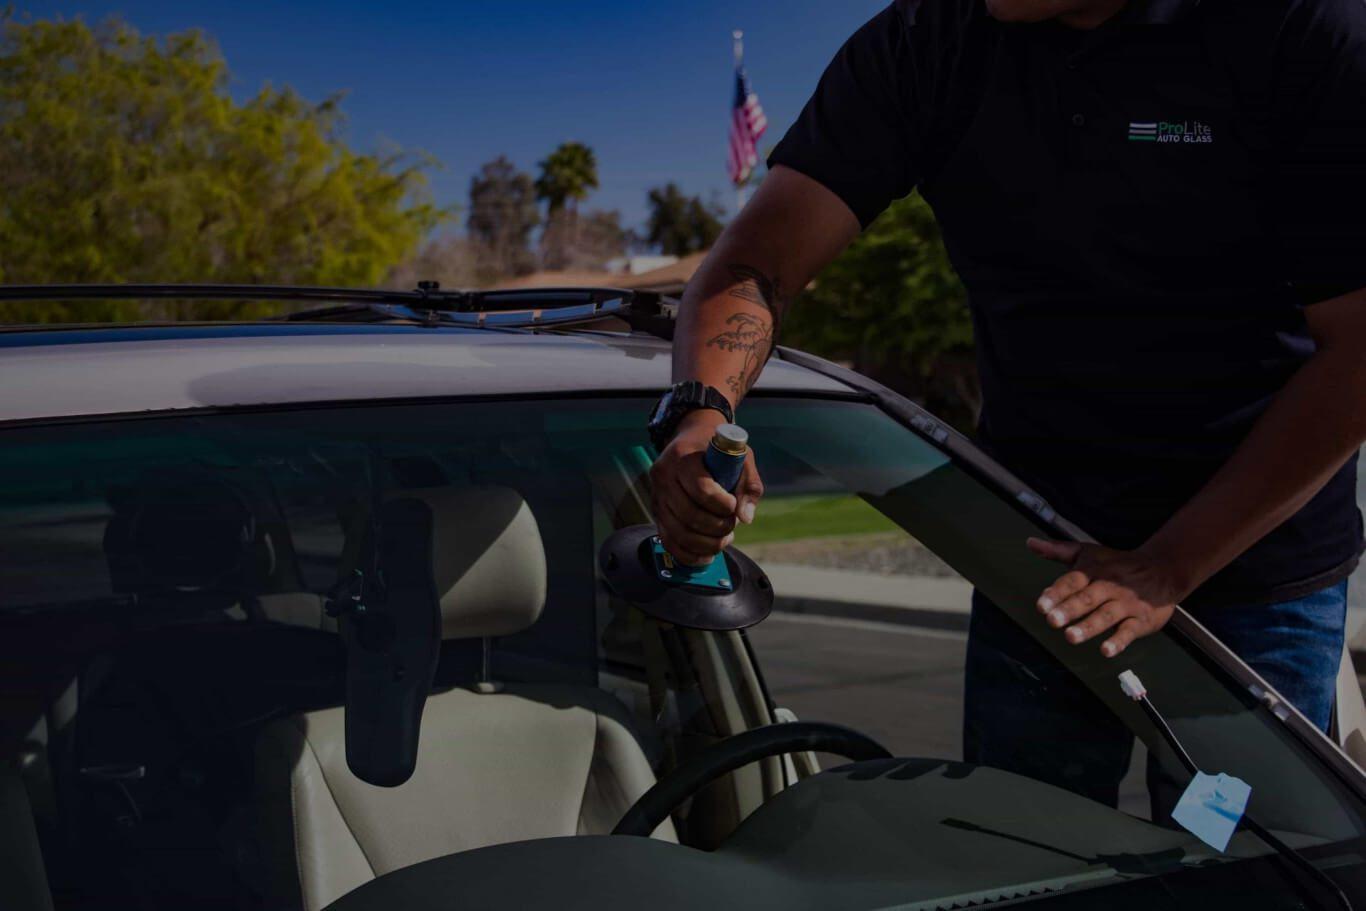 mobile auto glass repair in phoenix metro area